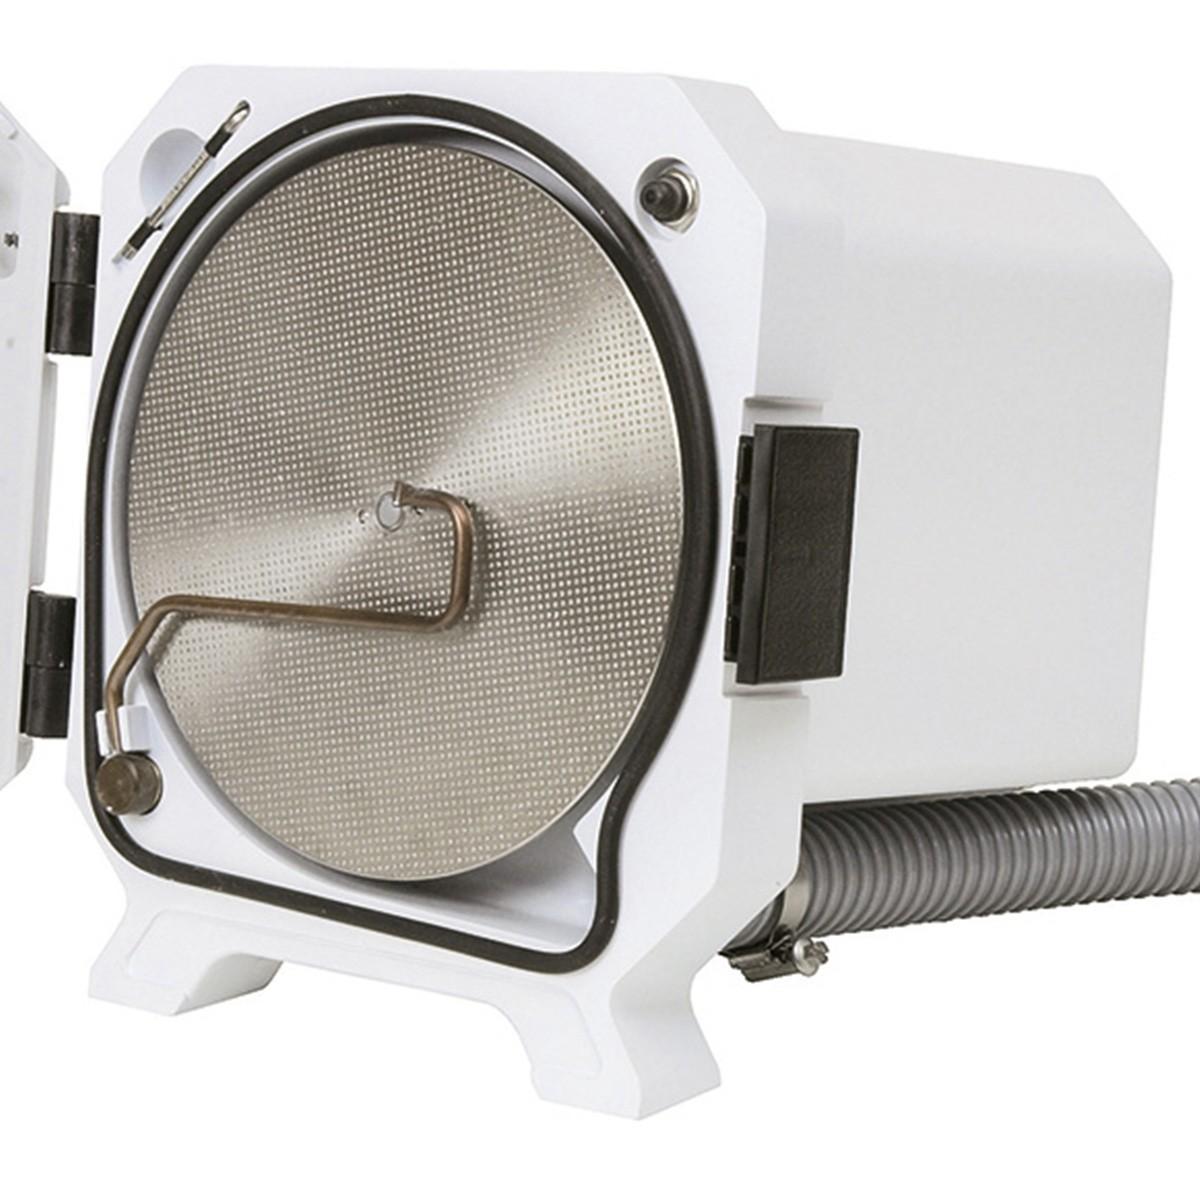 Recortador de Gesso Renfert MT3 Plus Disco de Corte Marathon  220V - Ref 1803-0500